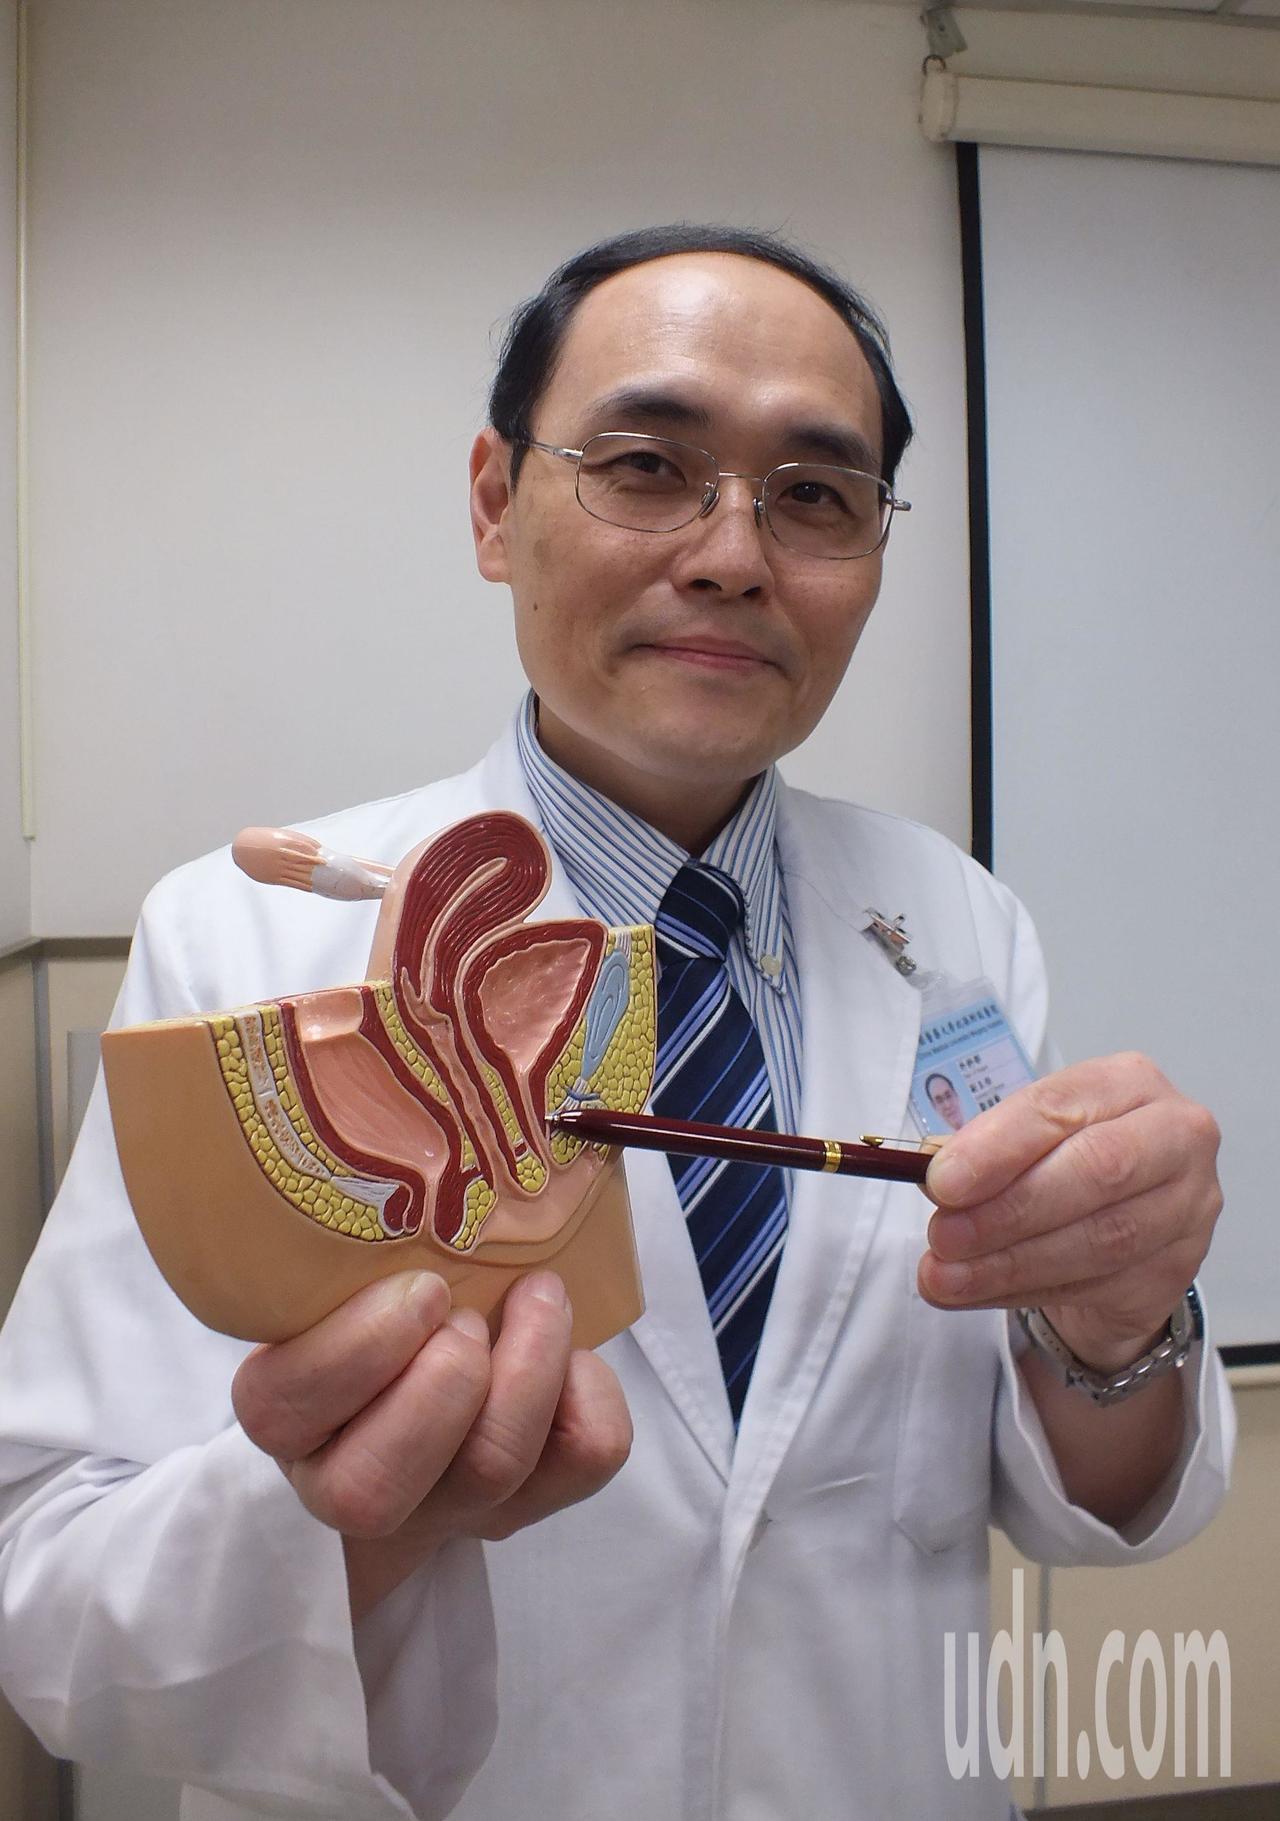 醫師鄒頡龍說明,生產過後、肥胖都會增加漏尿機會,建議婦女平時可加強骨盆底肌肉收縮...